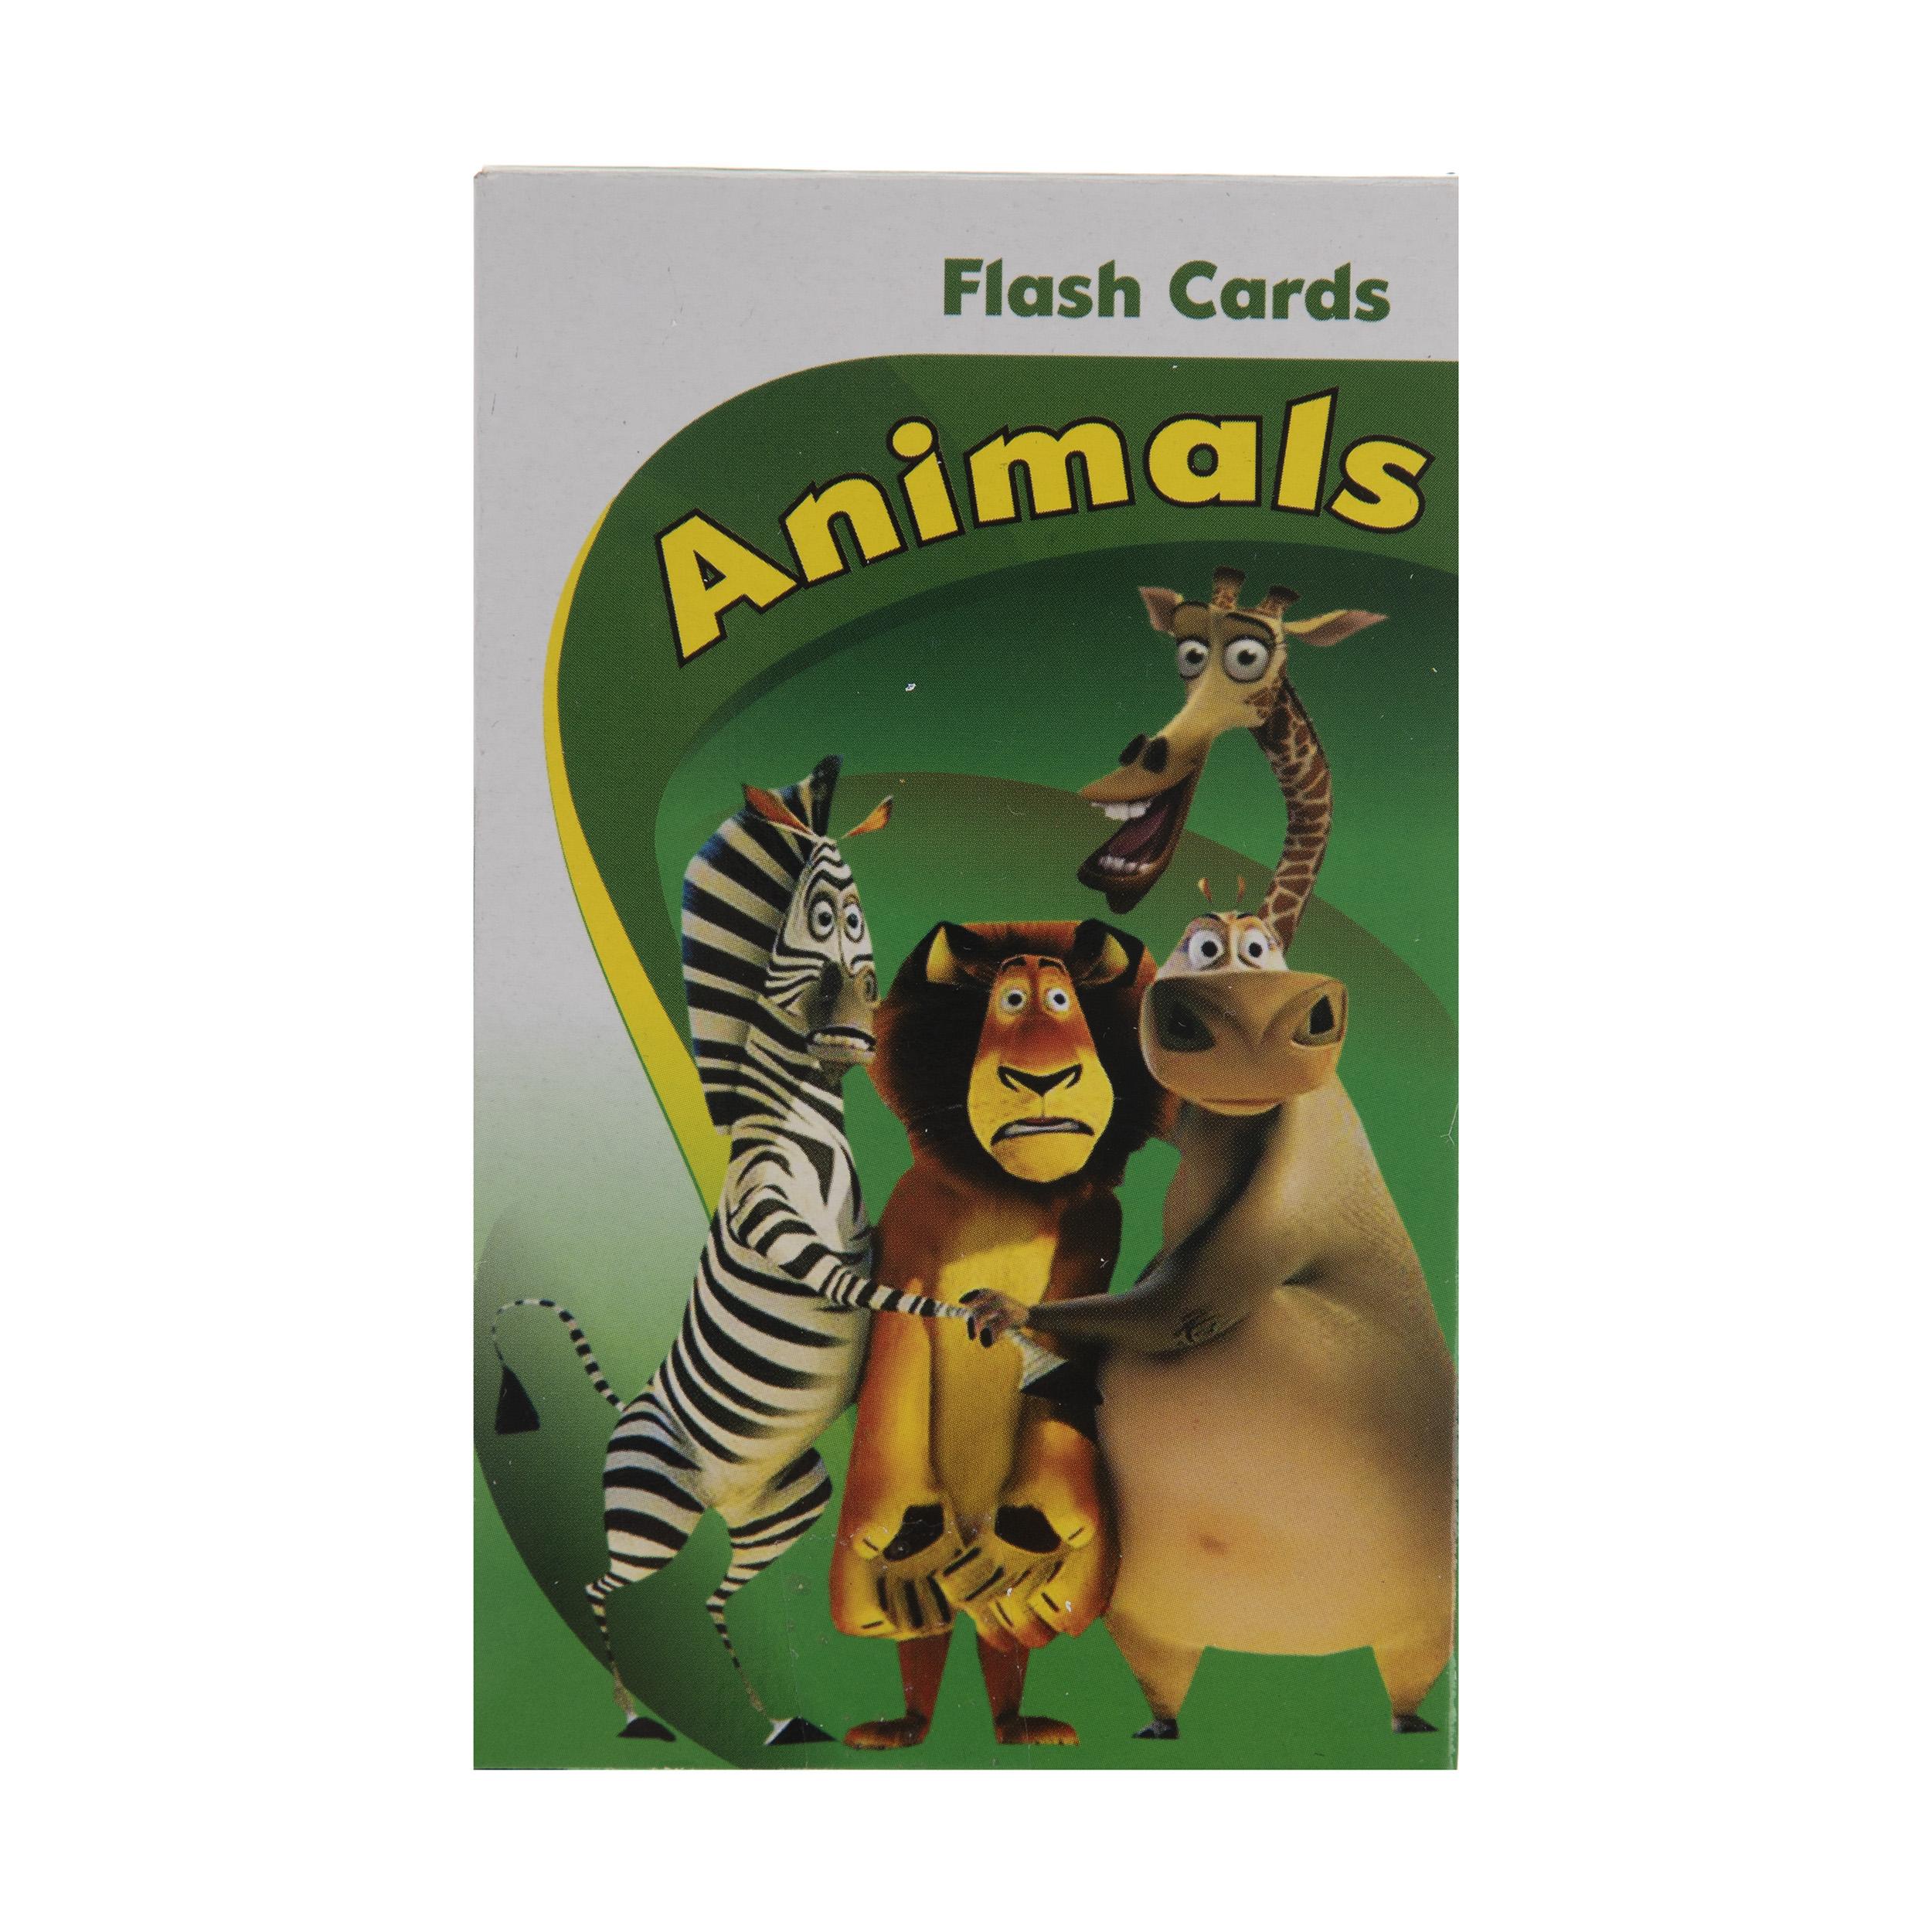 فلش کارت آموزش حیوانات به زبان انگلیسی نشر برجیس